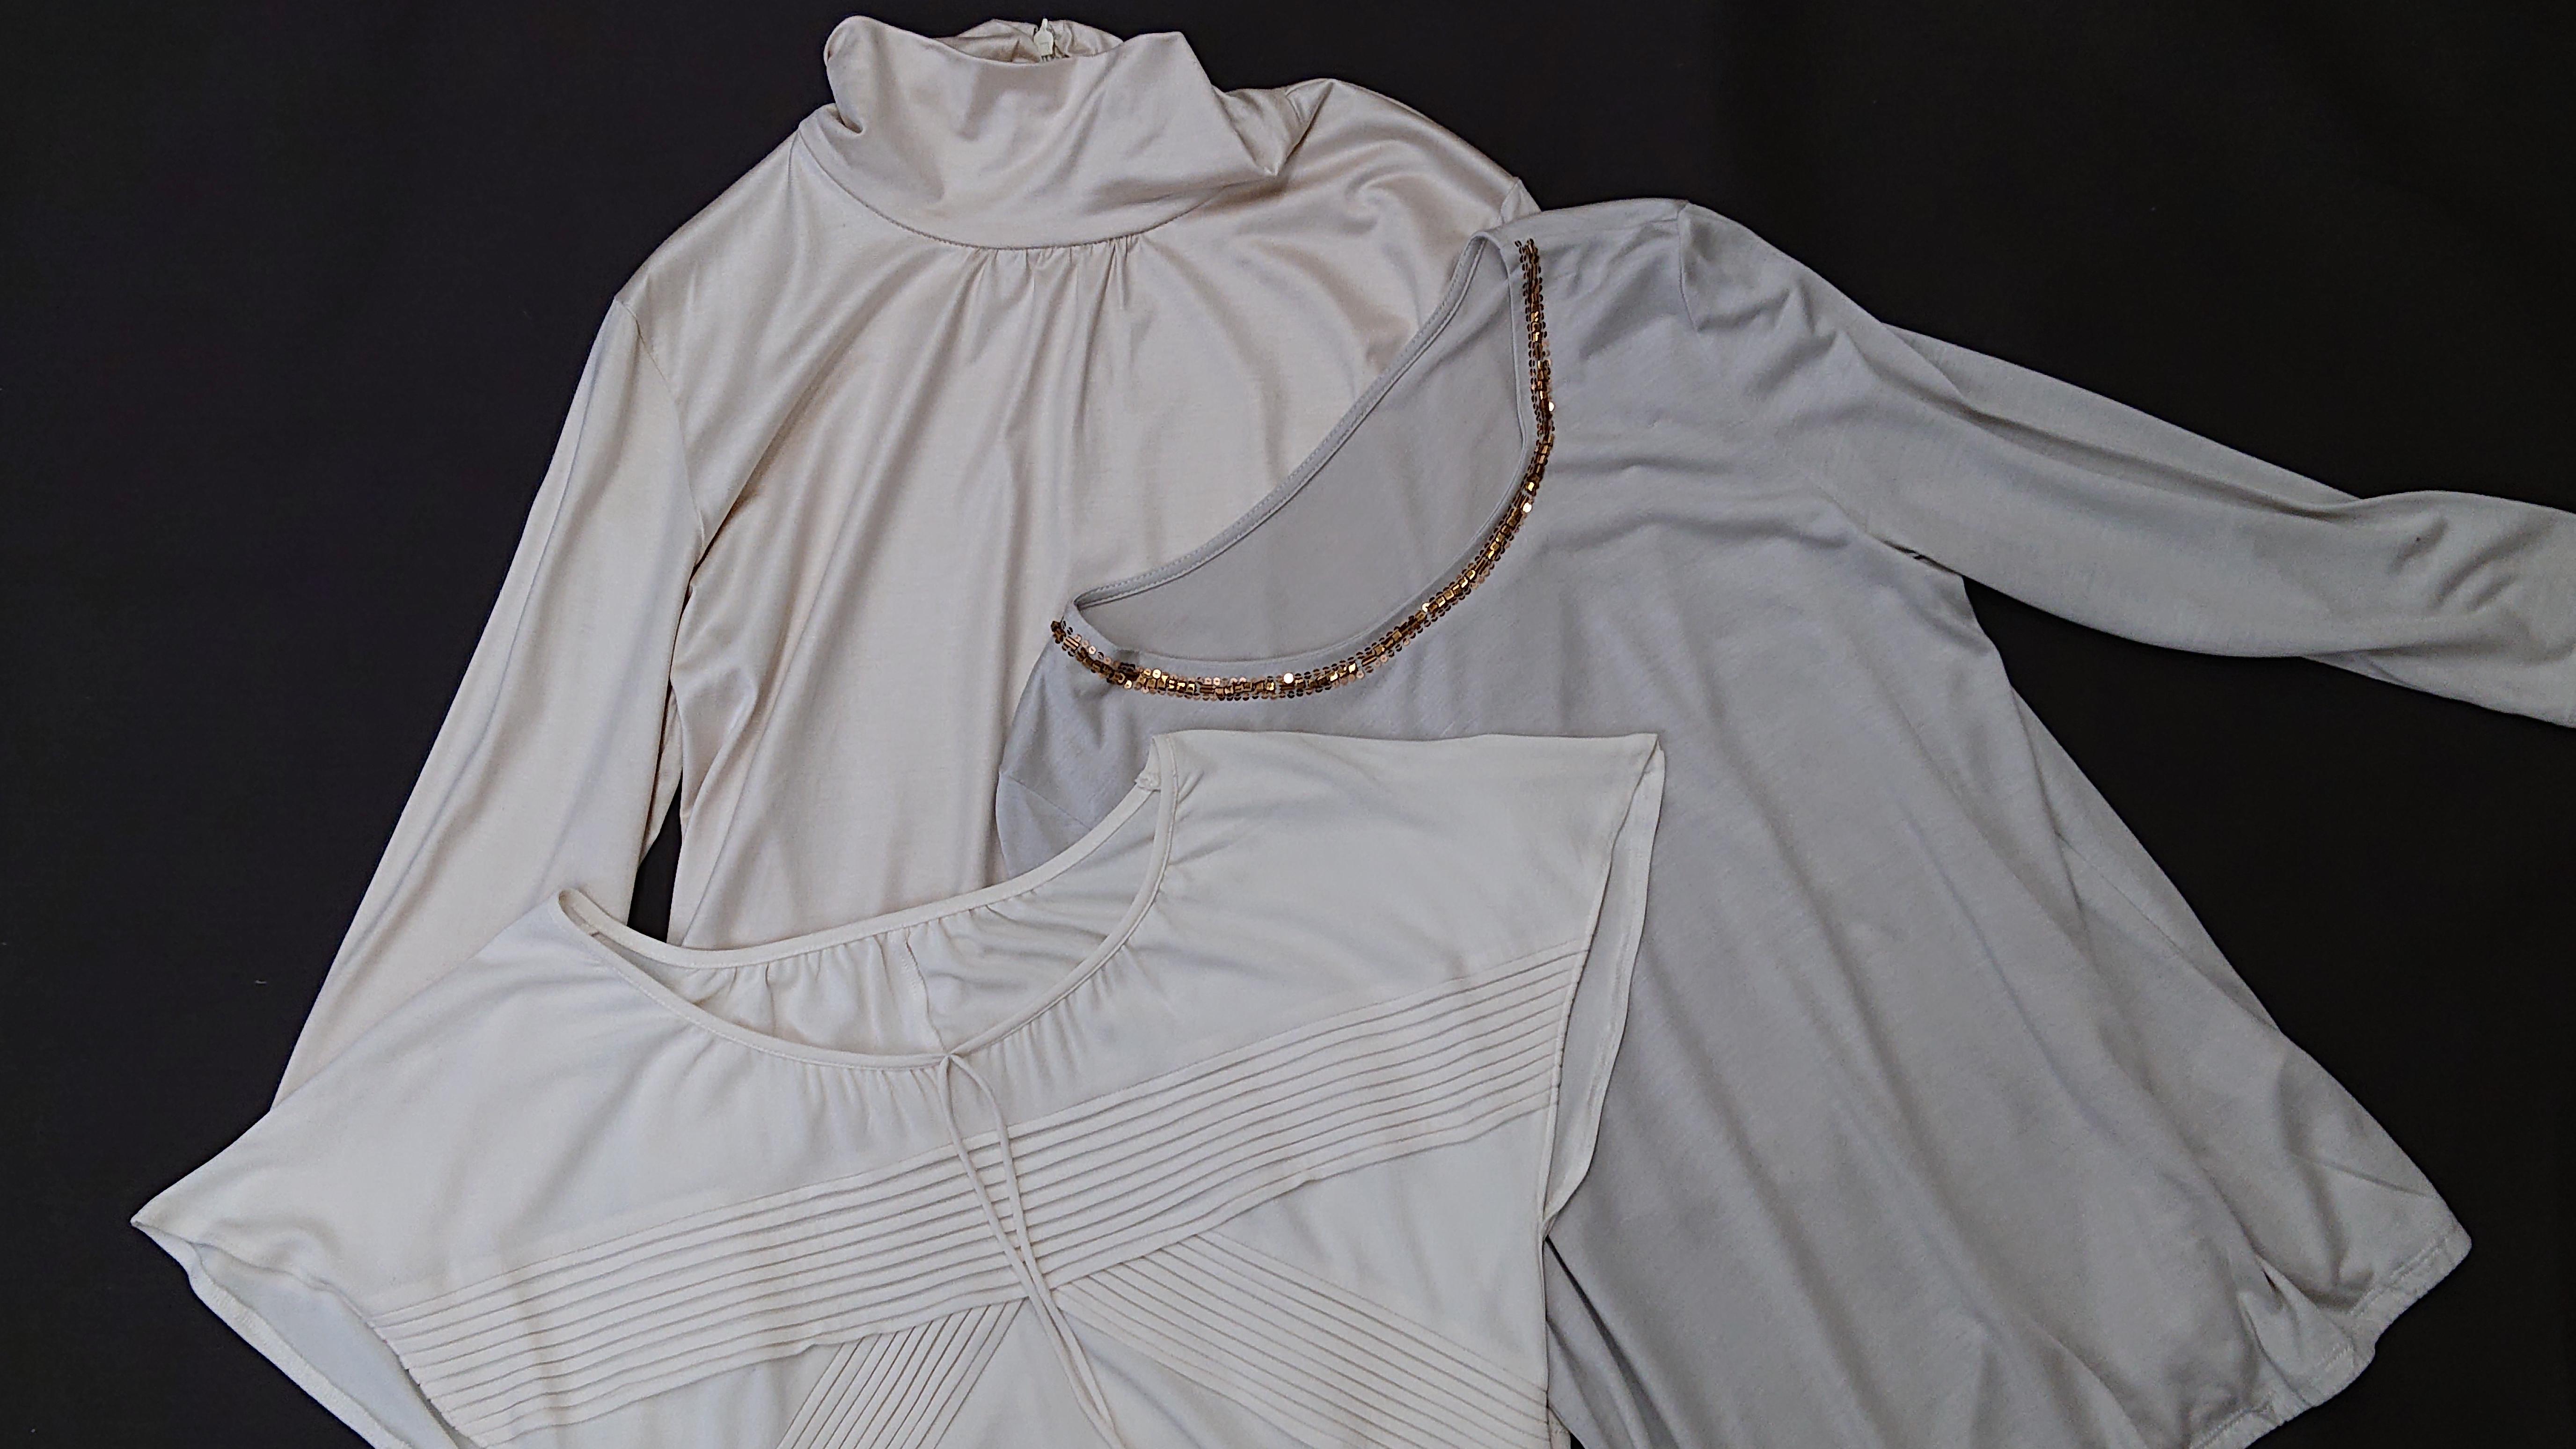 シルクを使ったカットソーシャツです。